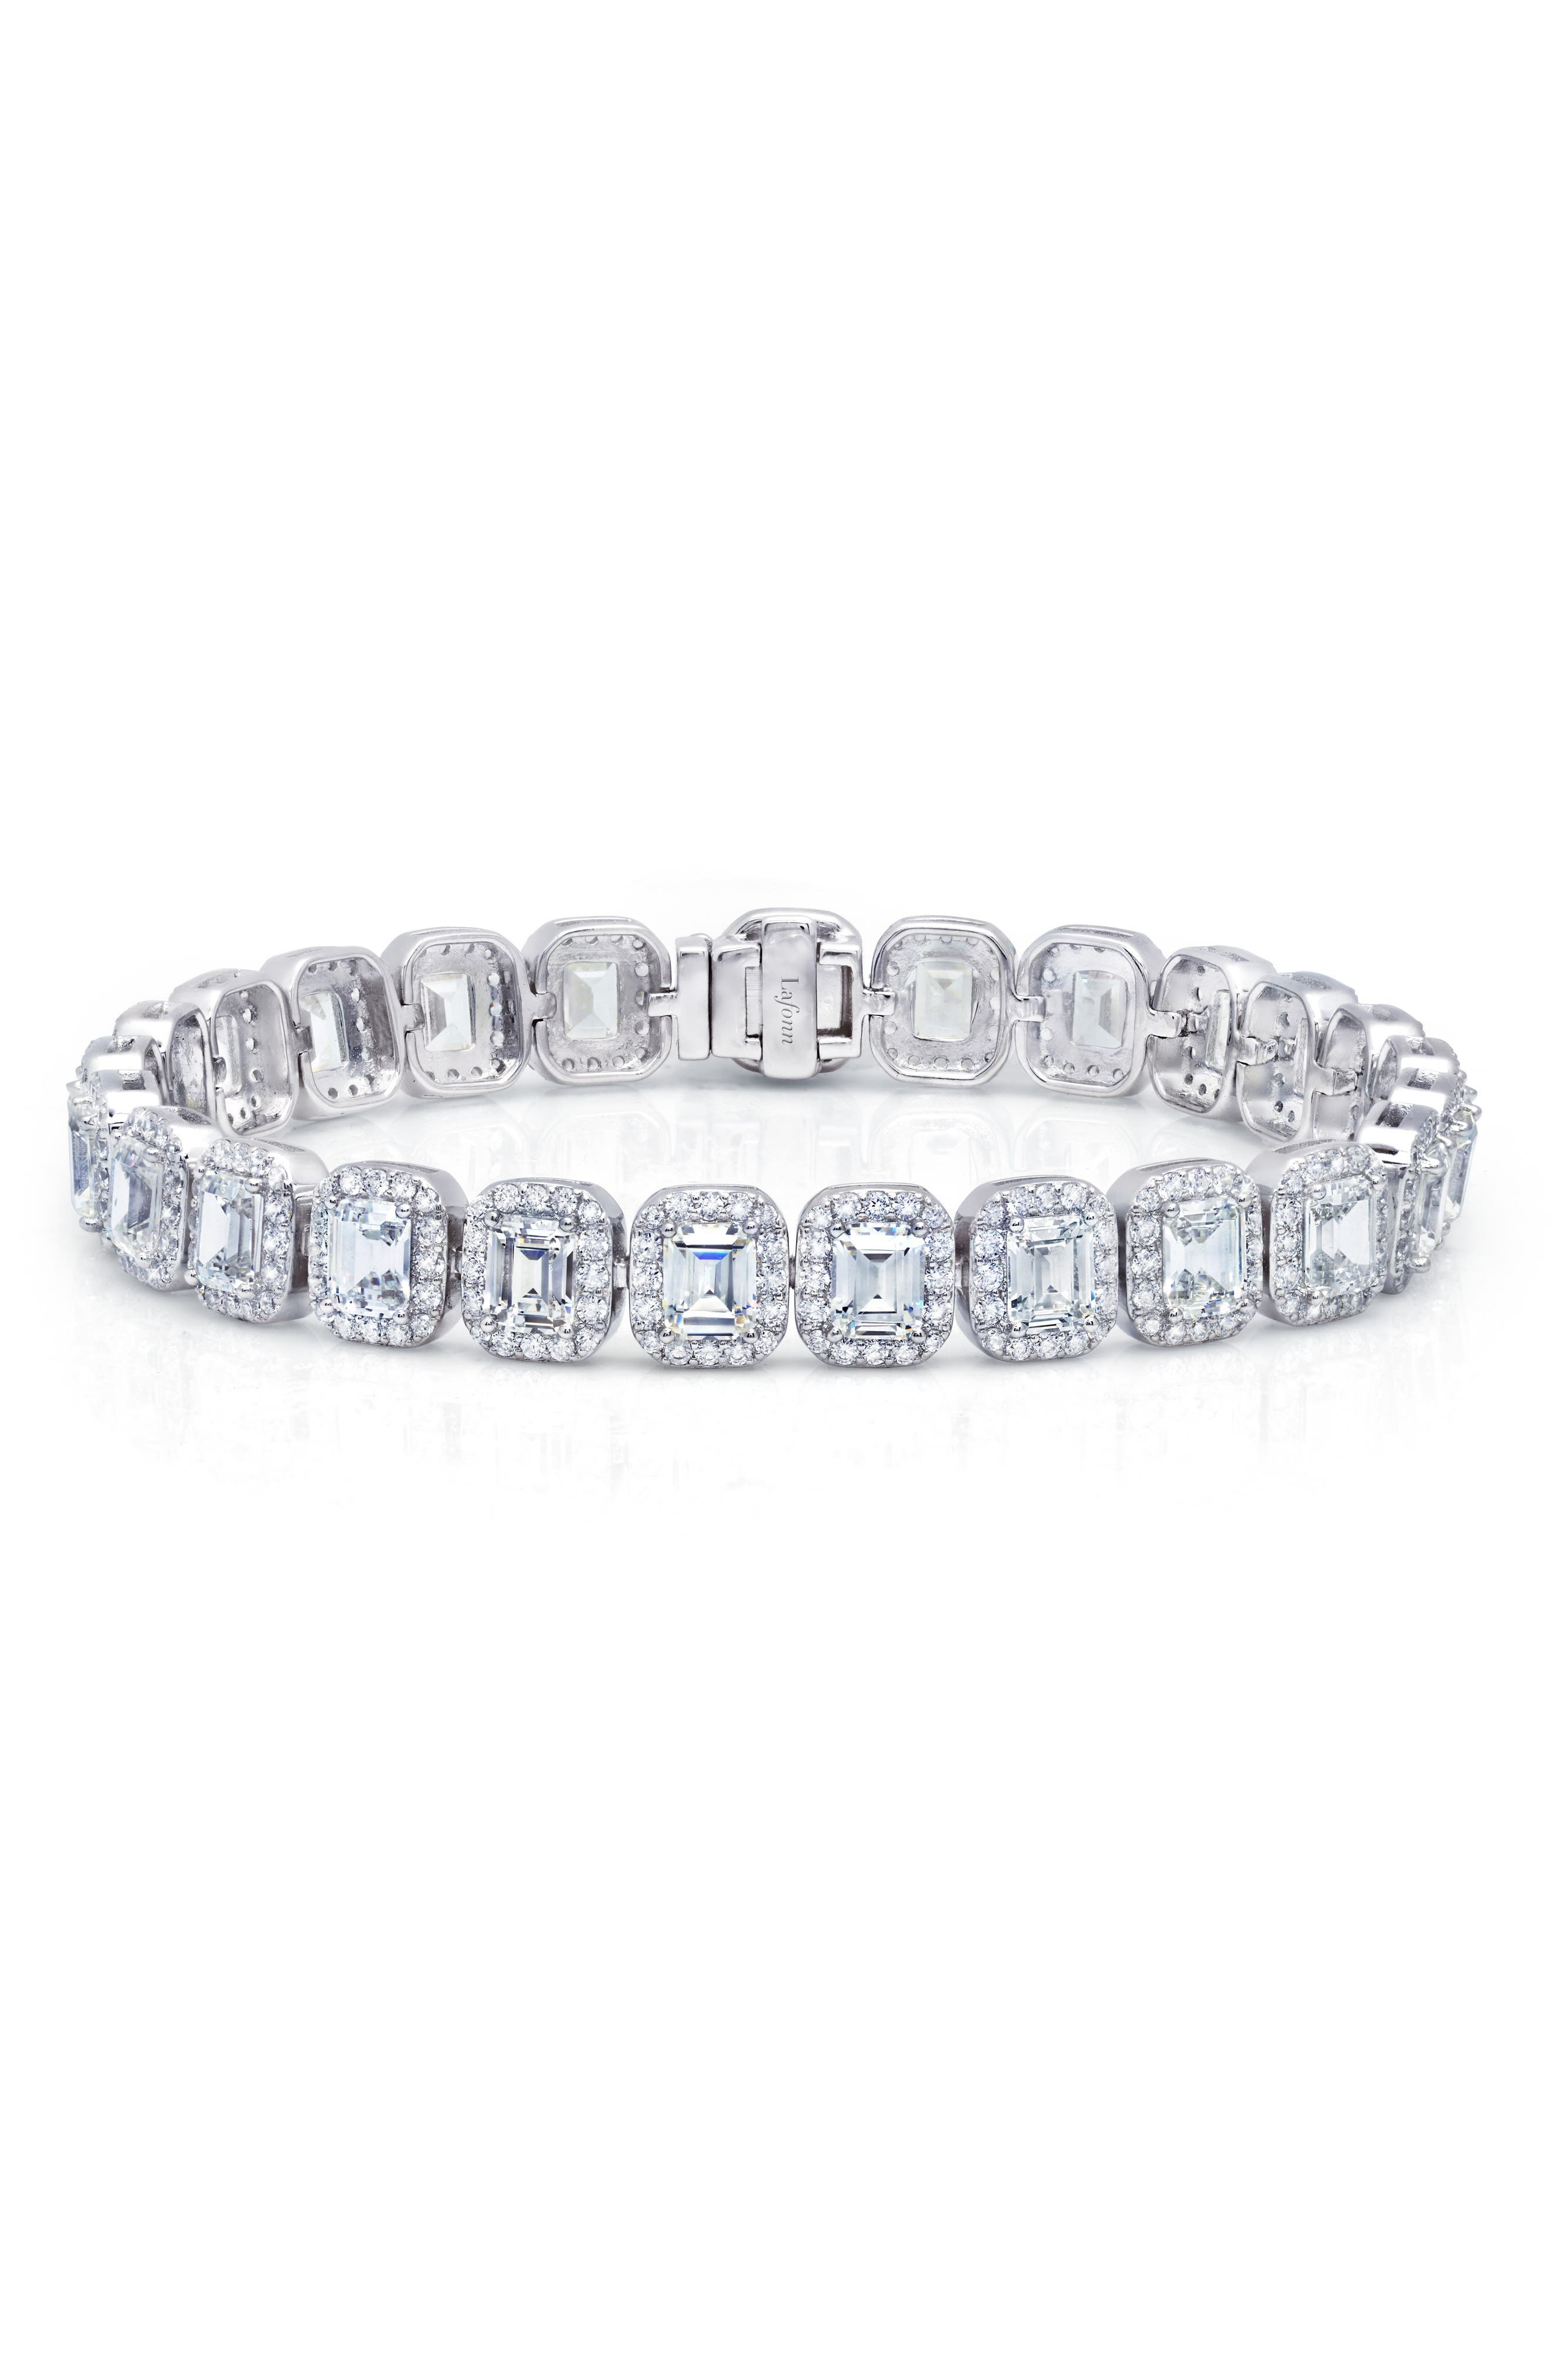 Lassaire Emerald Cut Simulated Diamond Tennis Bracelet,                             Main thumbnail 1, color,                             Silver/ Clear